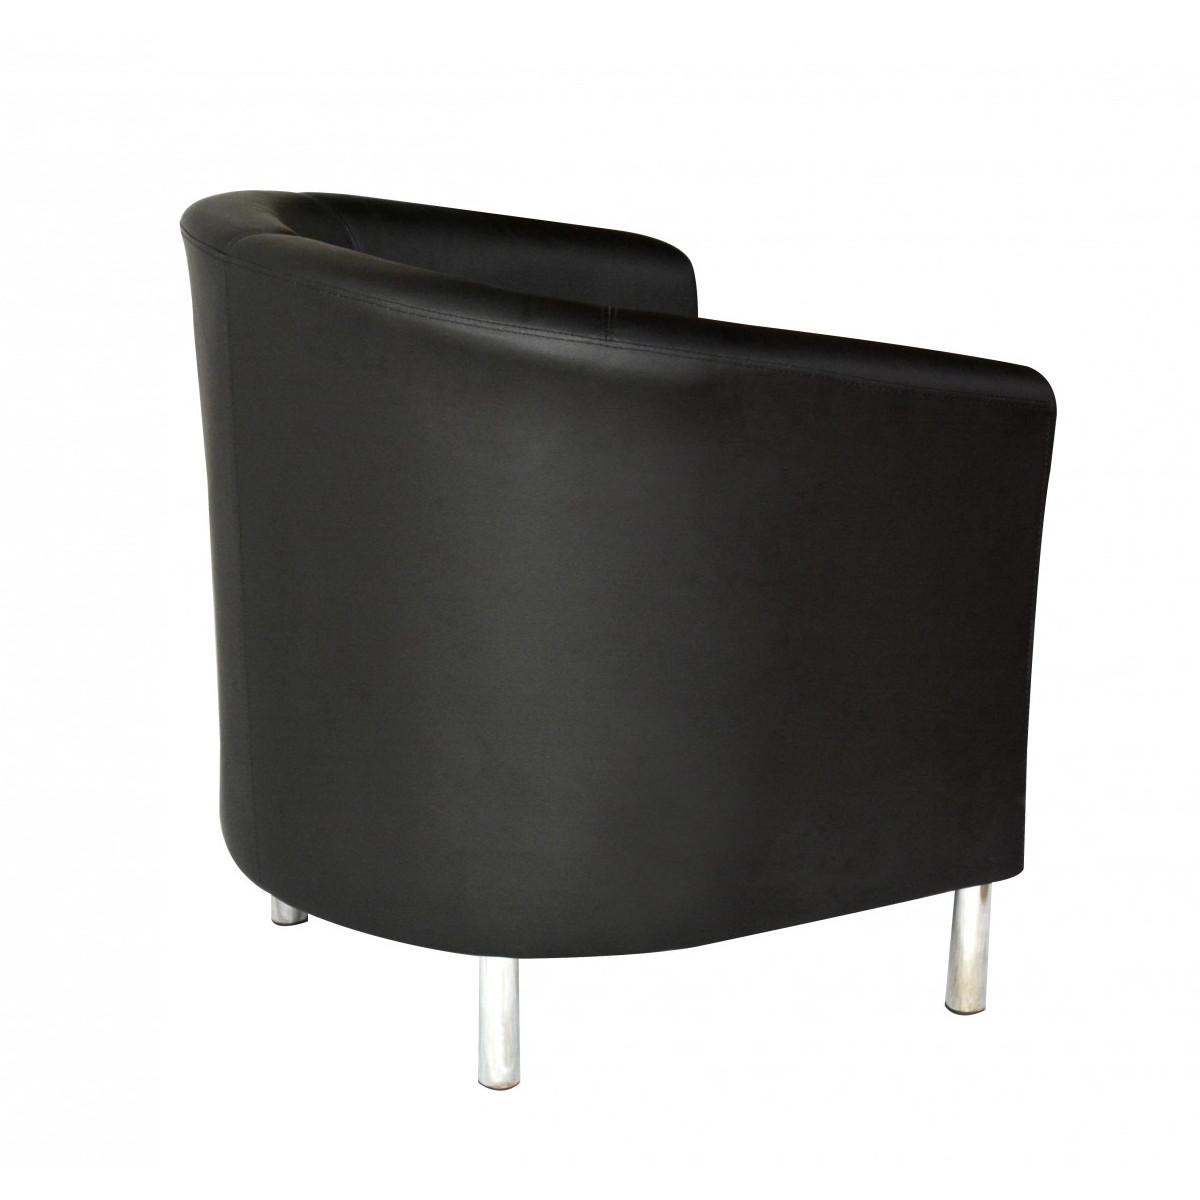 wohnzimmersessel schwarz gratis lieferung. Black Bedroom Furniture Sets. Home Design Ideas